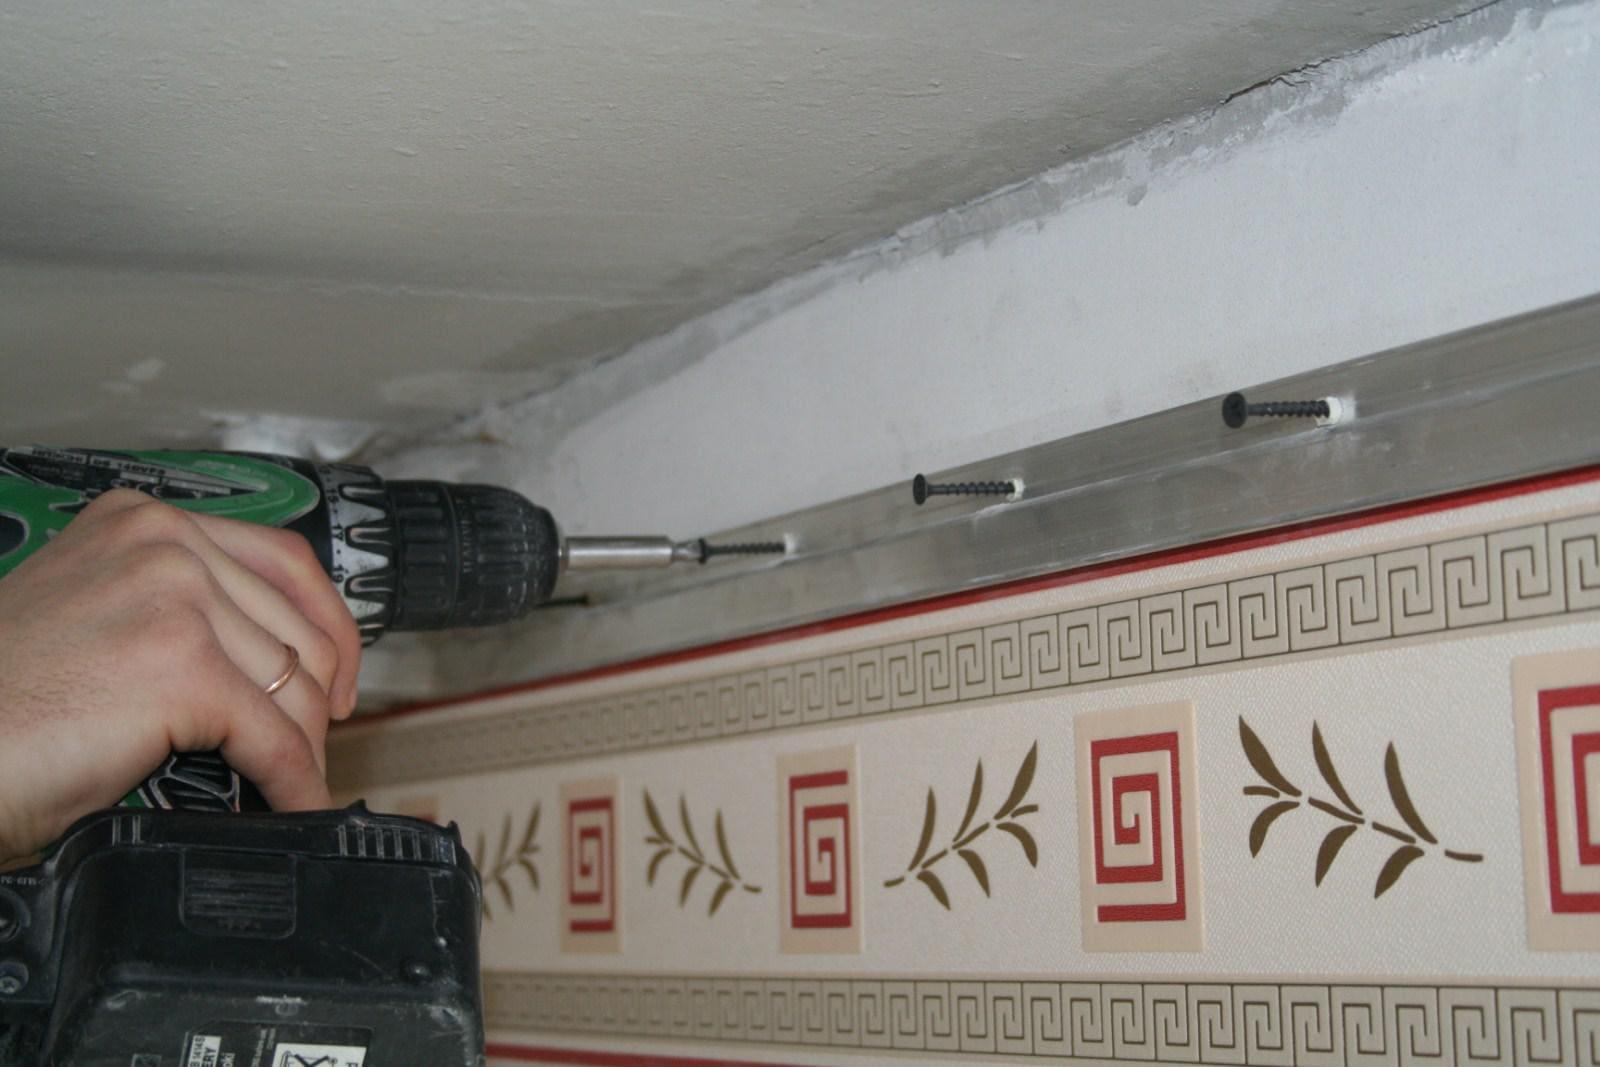 крепление напрявляющей натяжного потолка